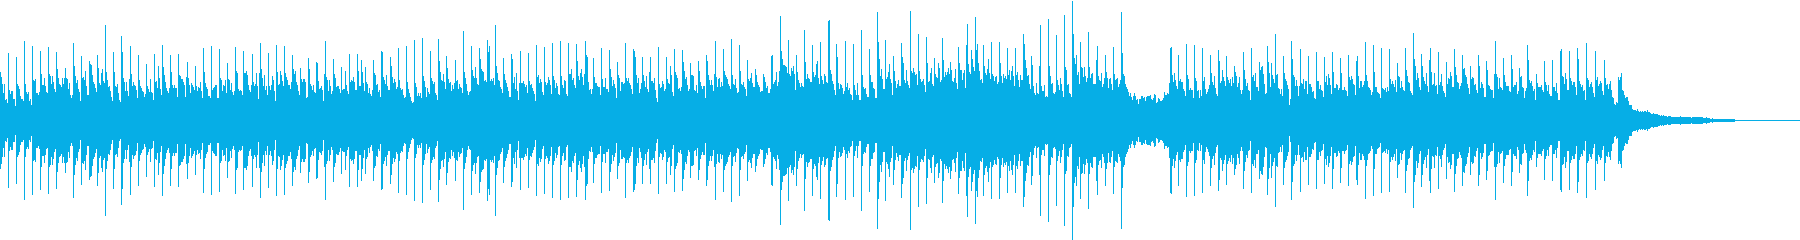 CMや映像に 感動的なピアノバラードの再生済みの波形